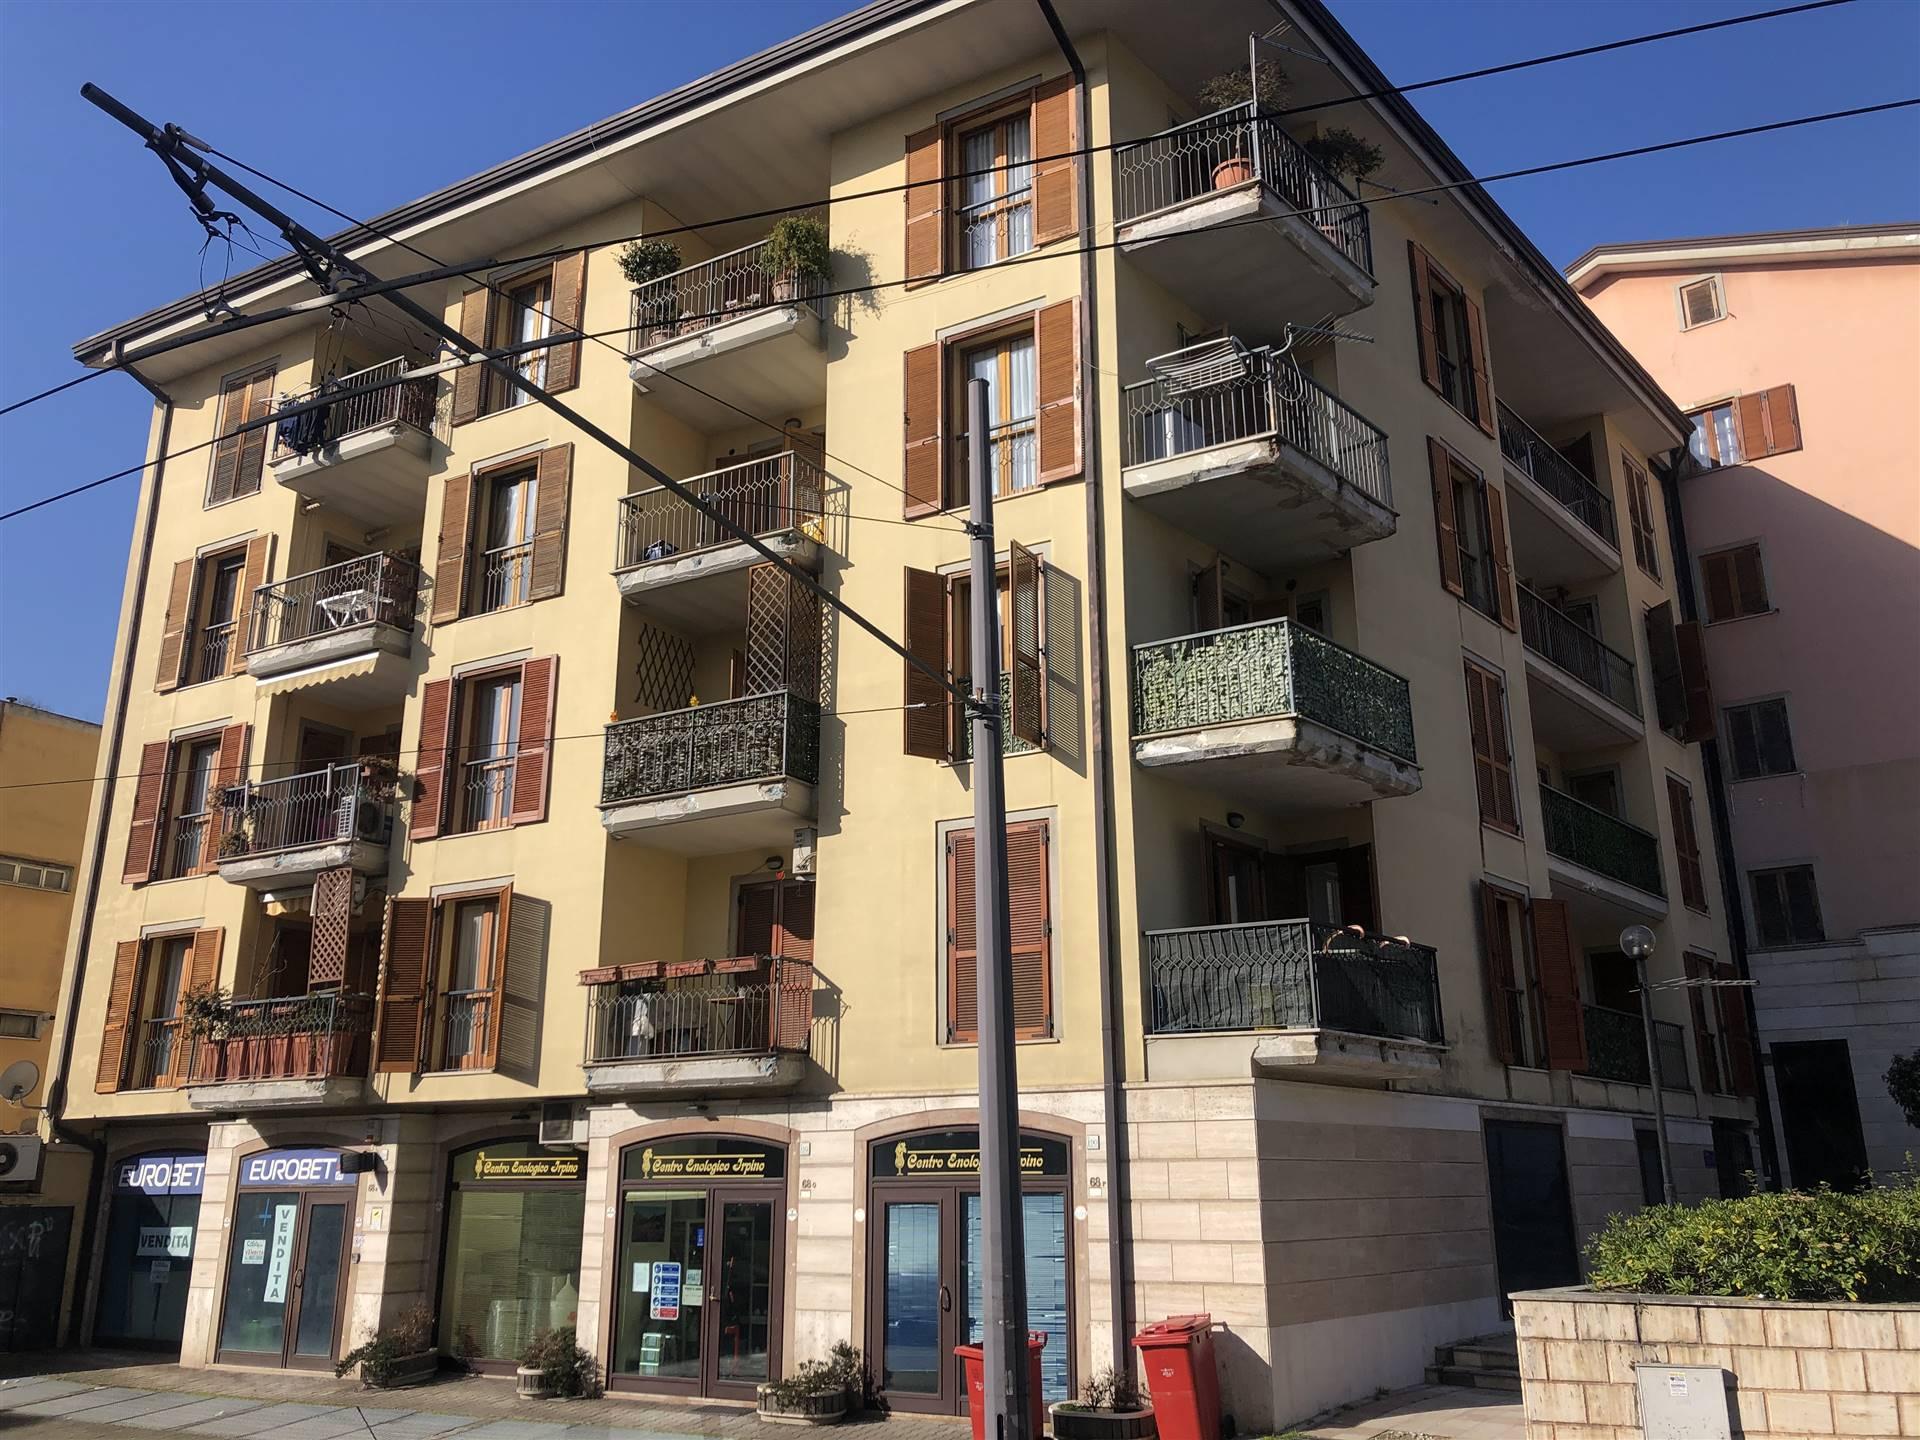 Appartamento in vendita a Avellino, 5 locali, zona Zona: Centro, prezzo € 260.000 | CambioCasa.it